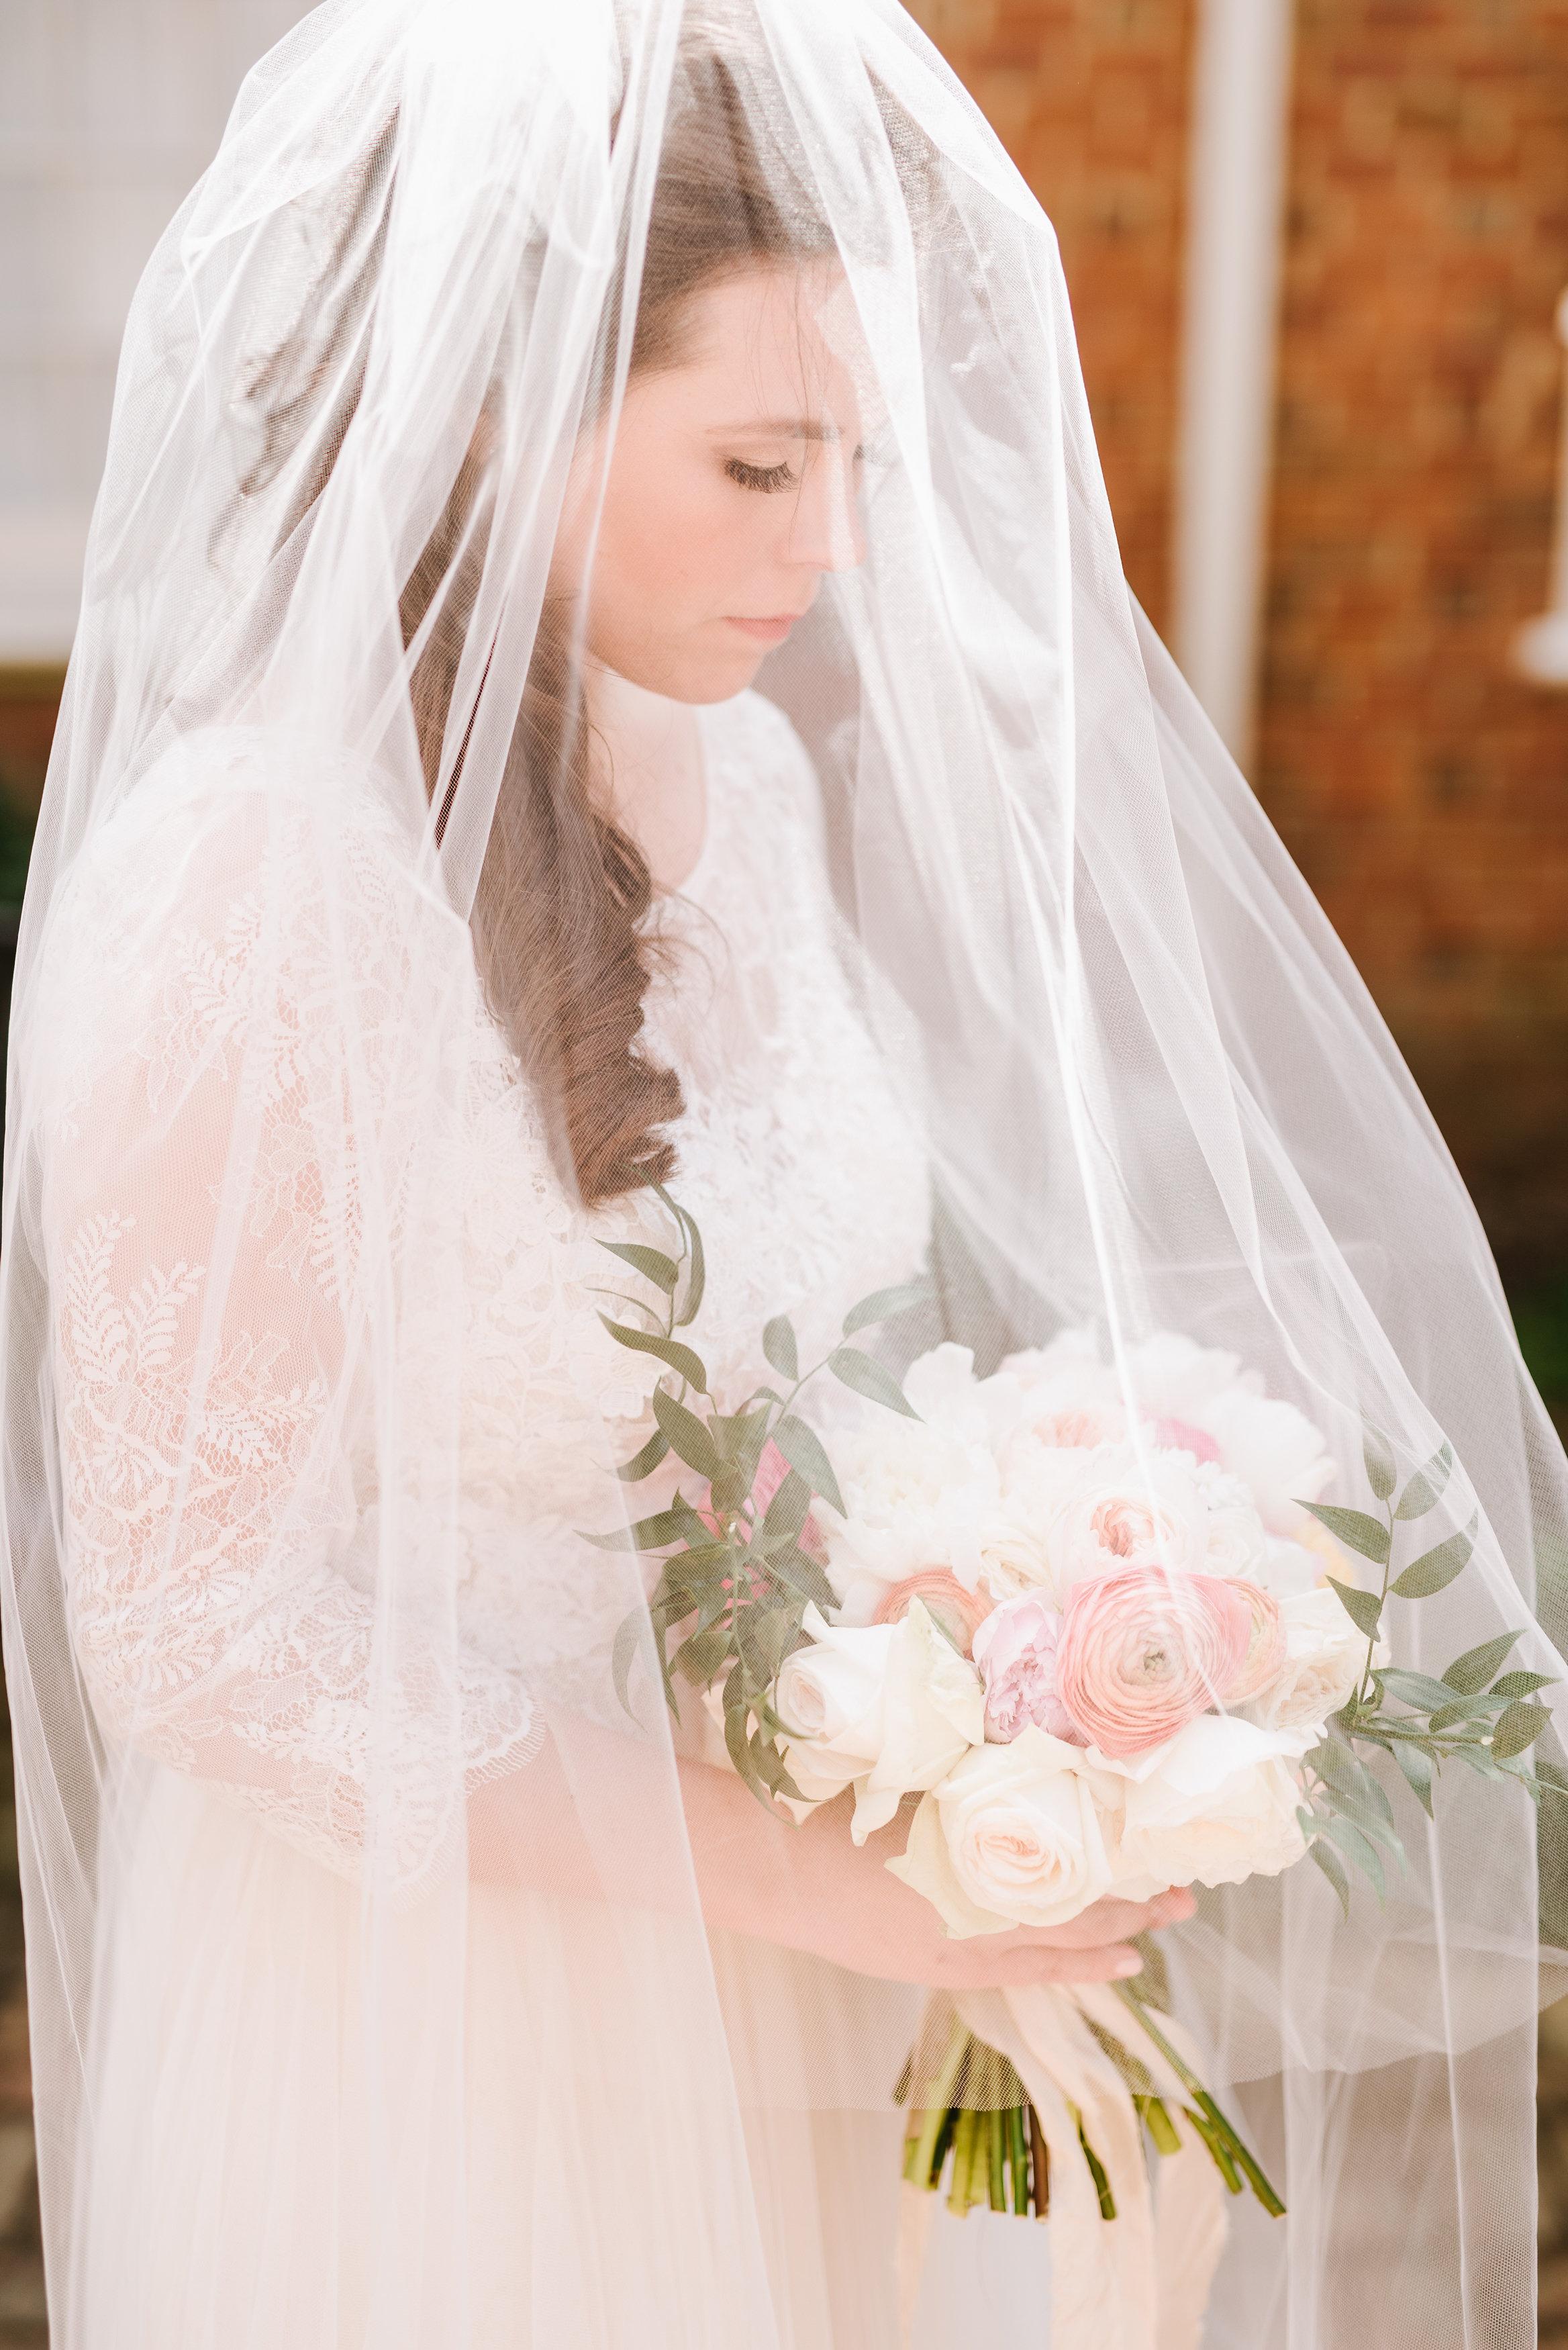 tylar-seth-wedding-754.jpg